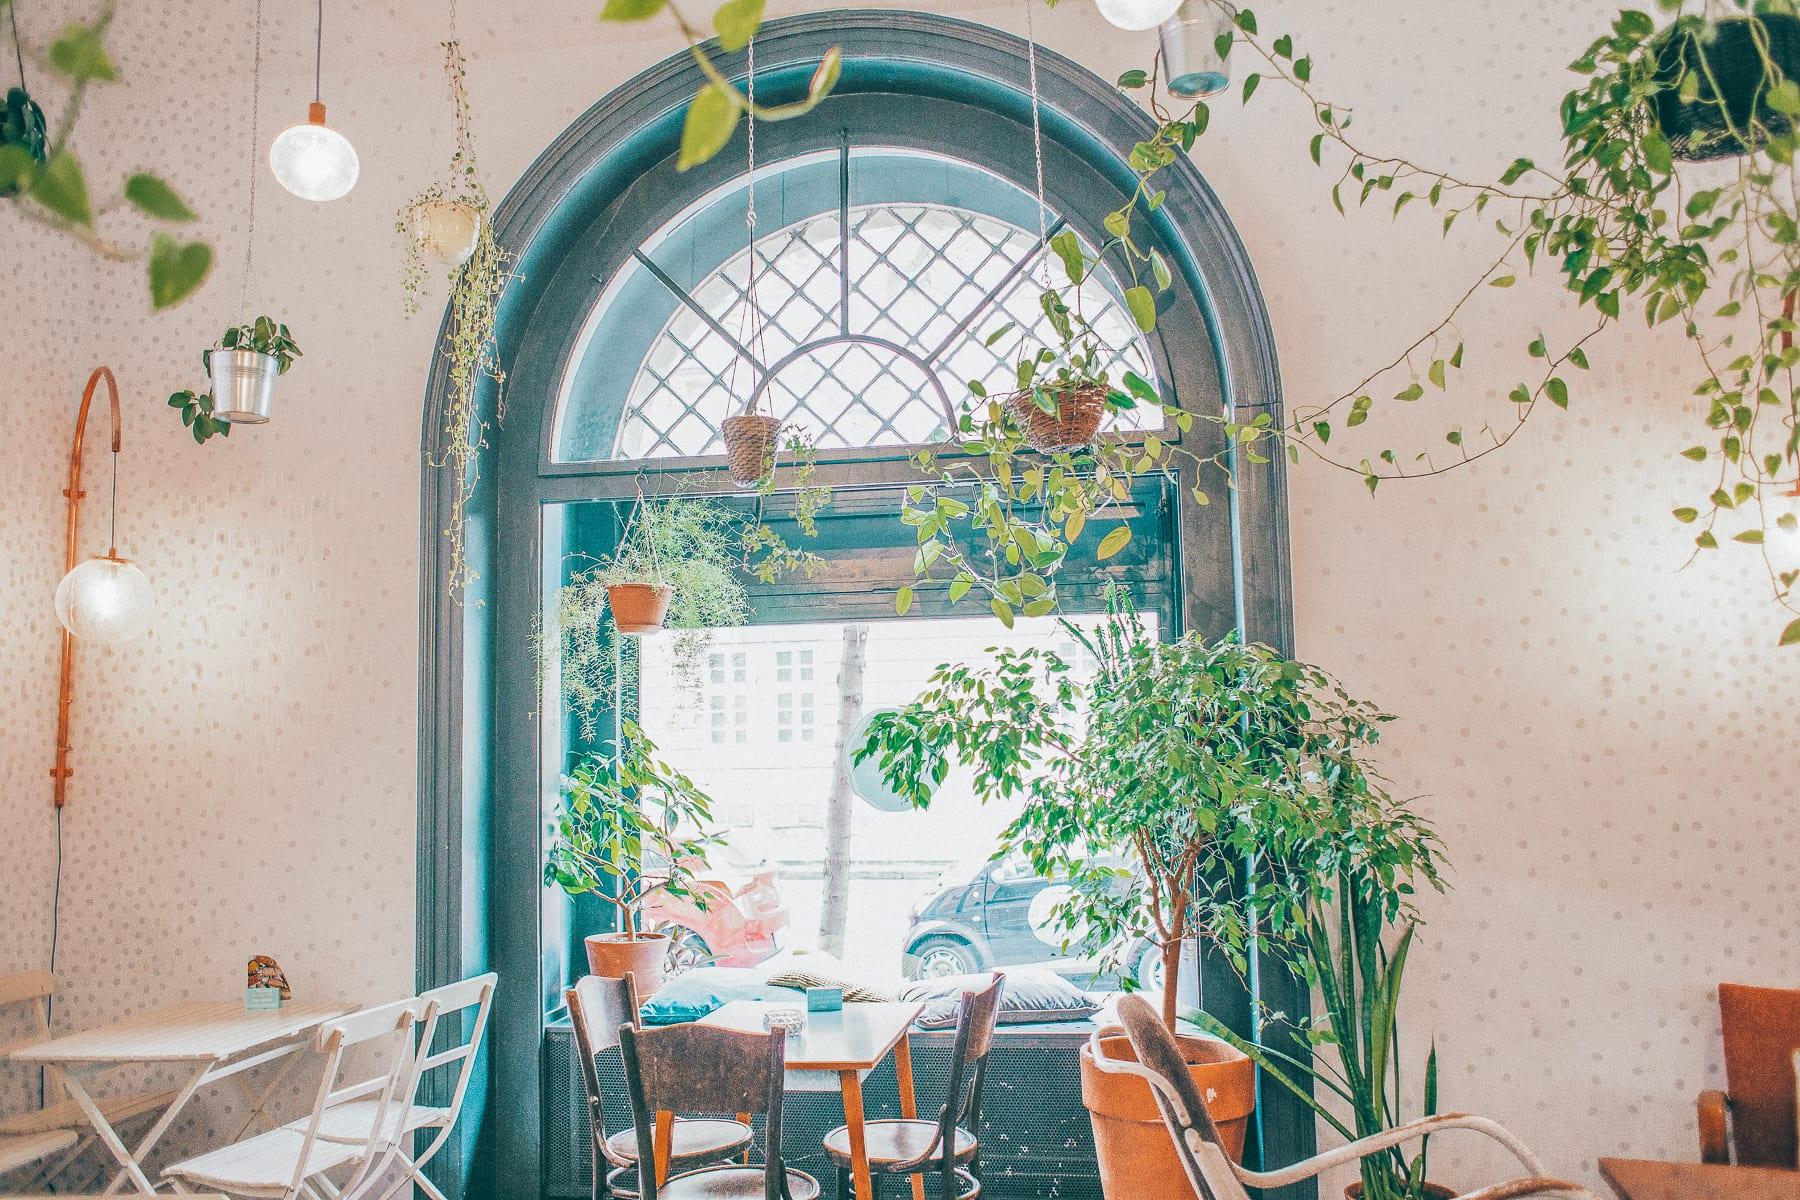 Parlor Café